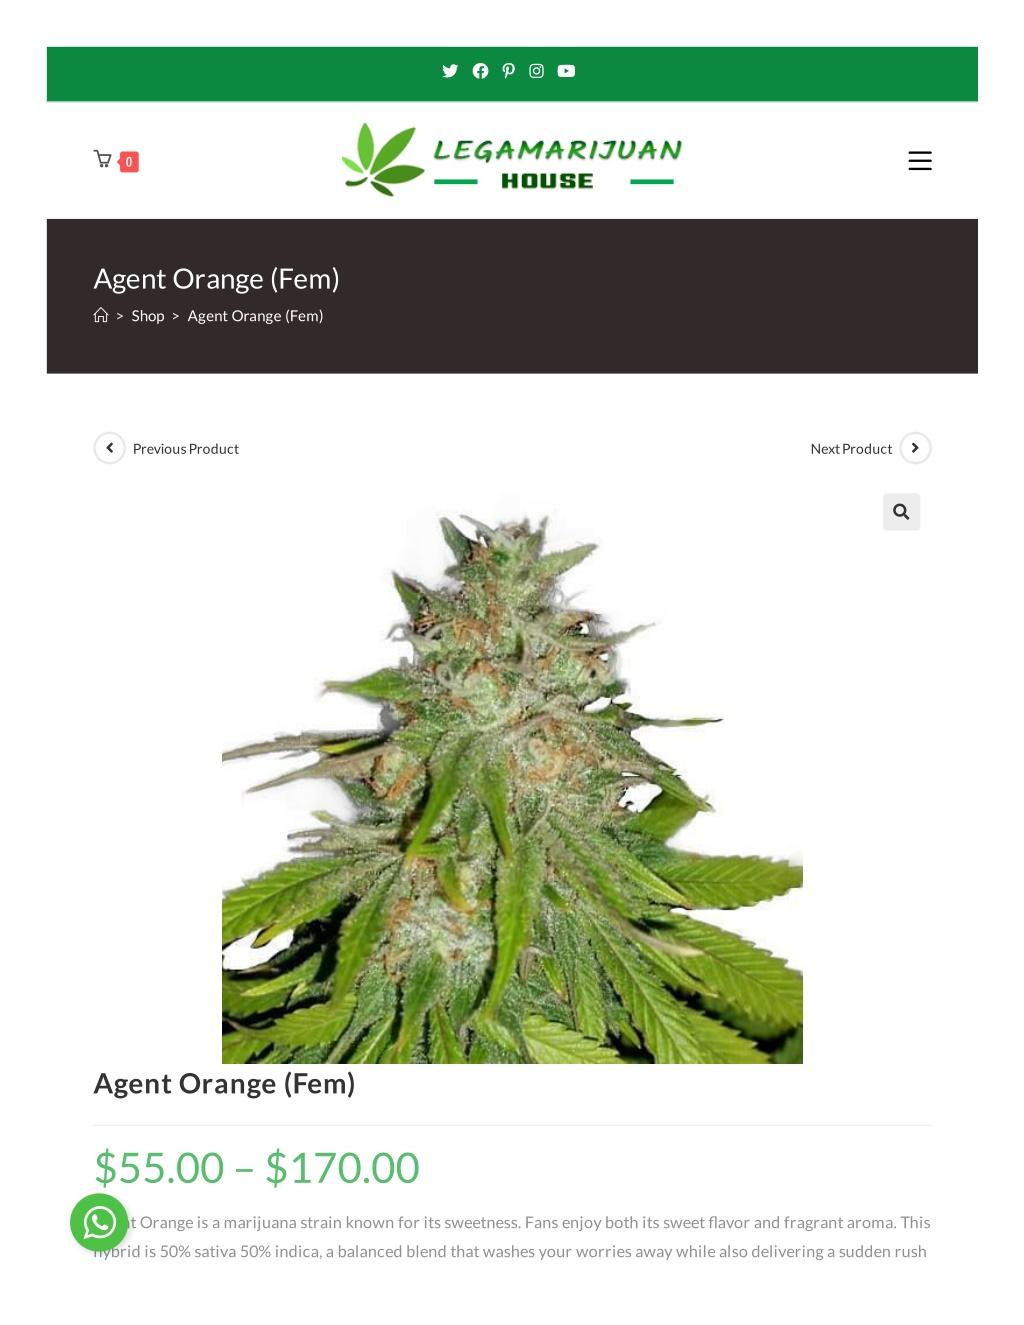 Buy Agent Orange Femenized Weed Seeds Online – Buy Weed Online